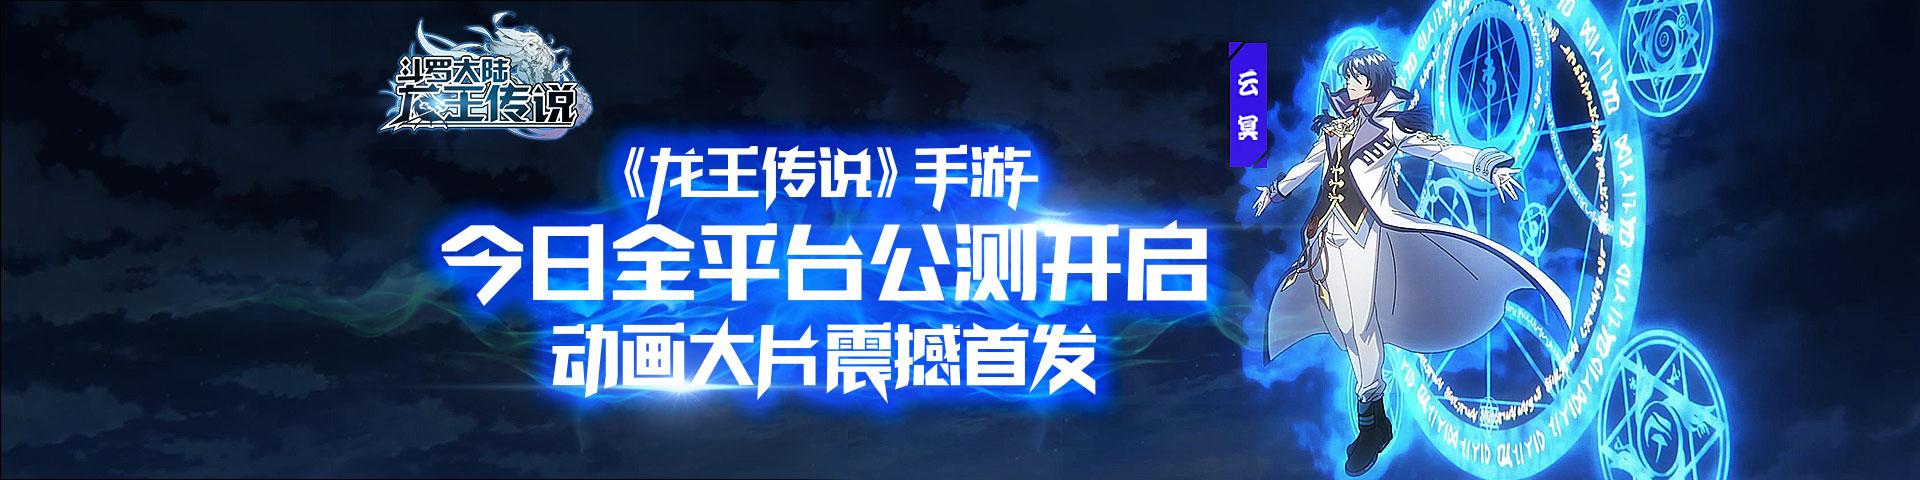 《龙王传说》手游今日全平台公测开启 动画大片震撼首发